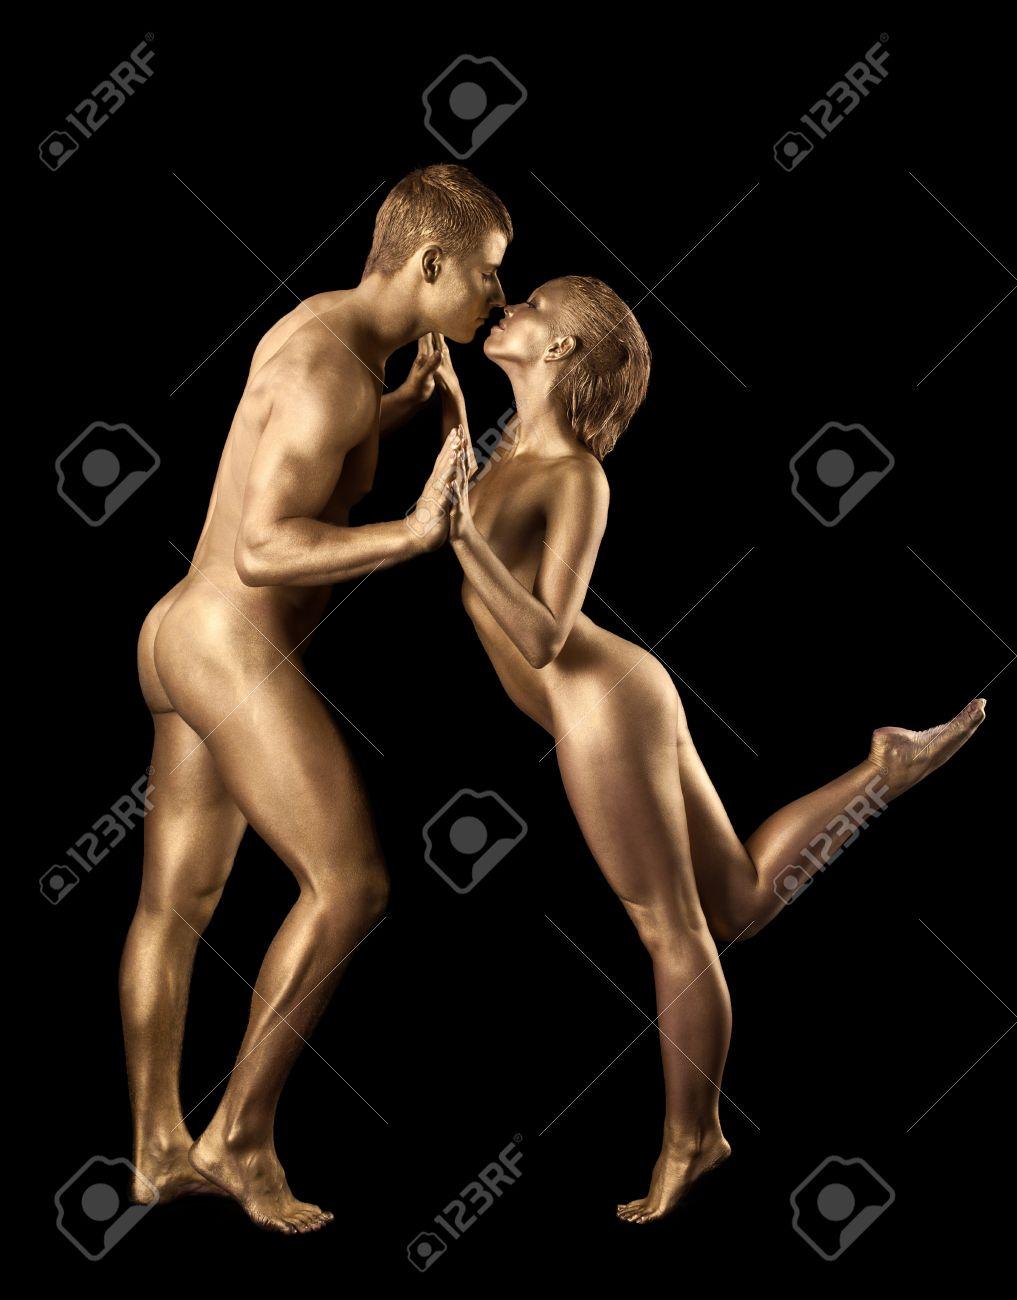 Парни голые танцующие